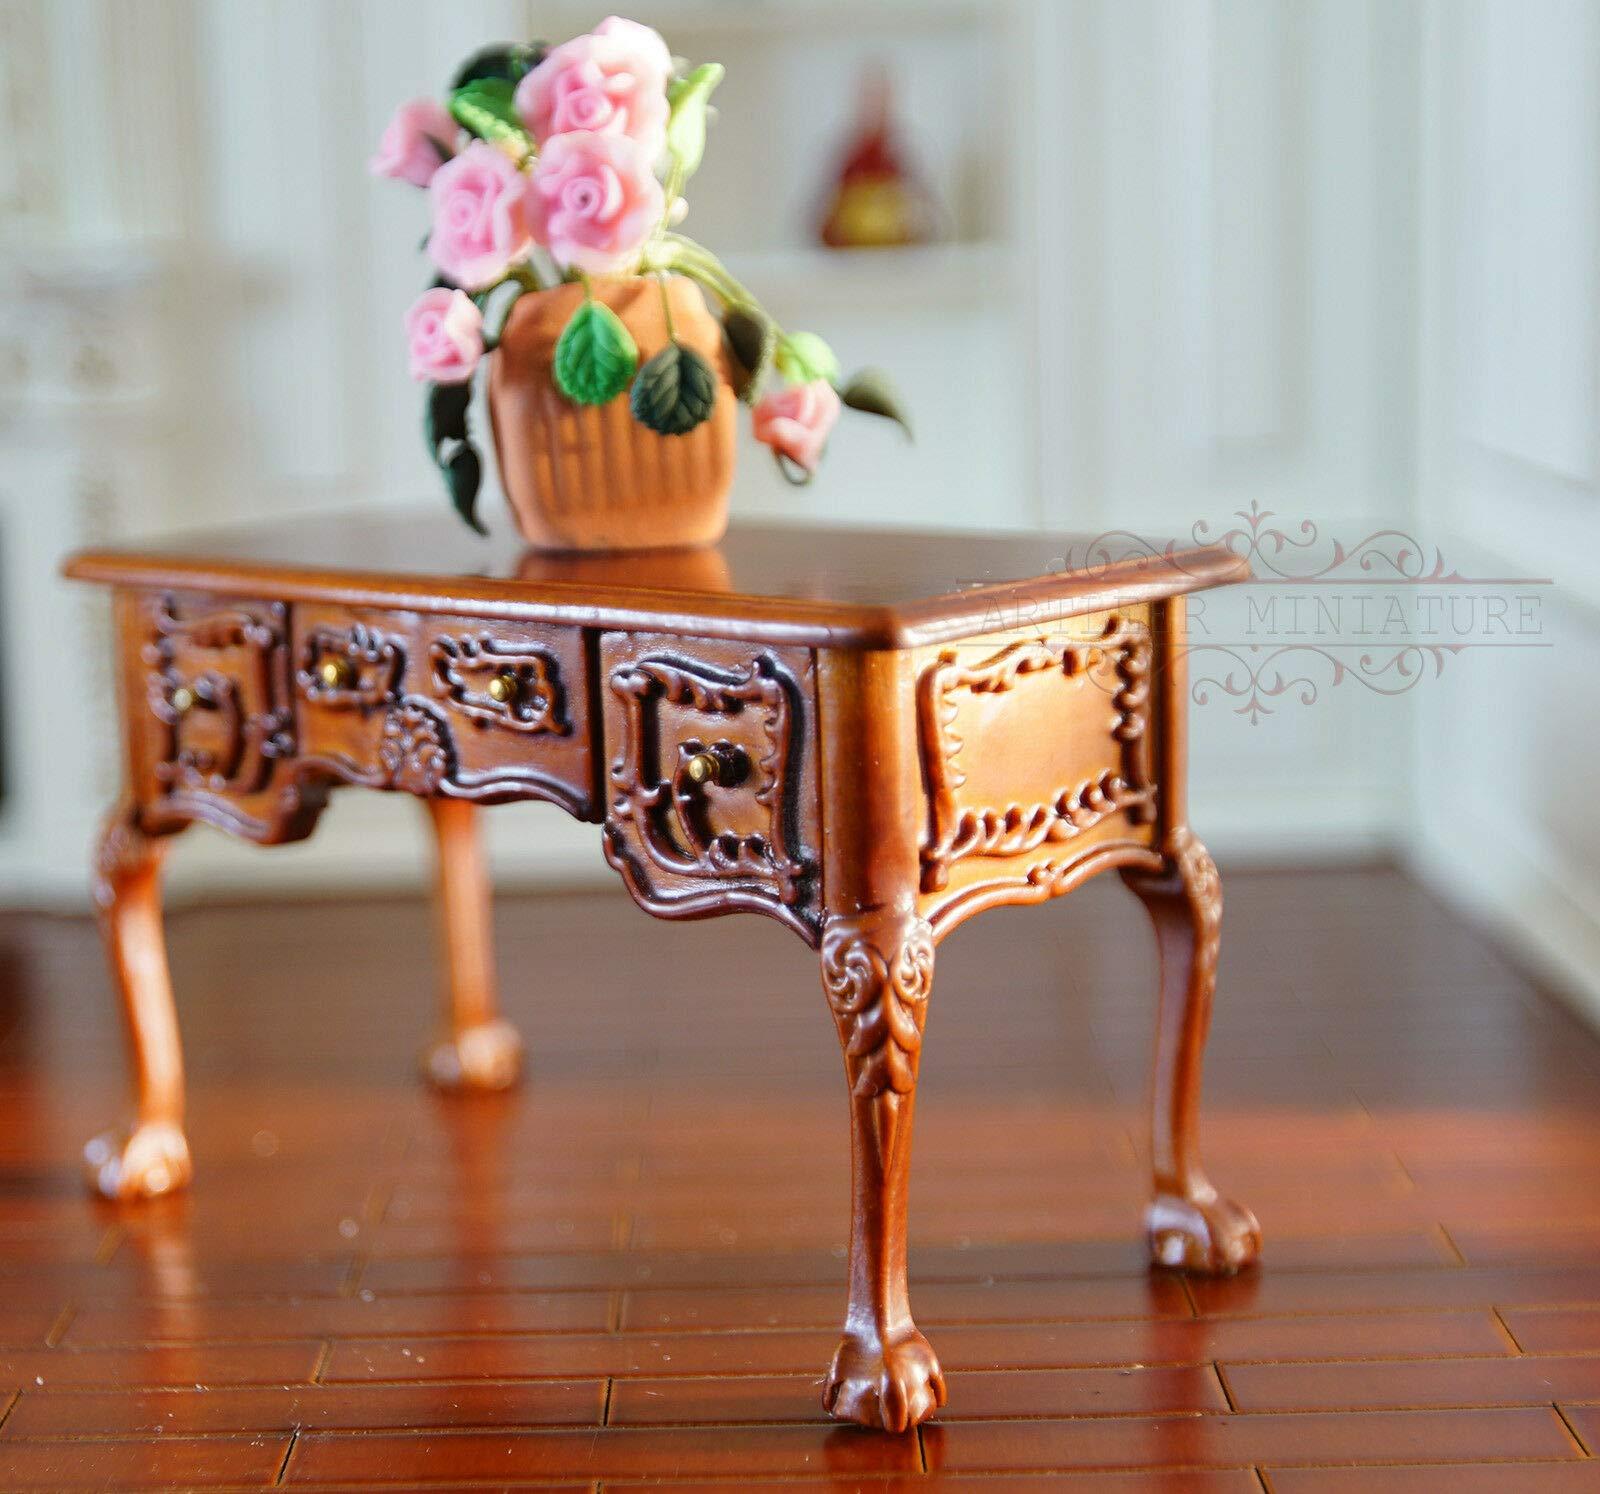 ARTLEER 1:12 Dollhouse Desk Miniature Desk Handmade Vintage Polished Wooden XZT0018A by ARTLEER